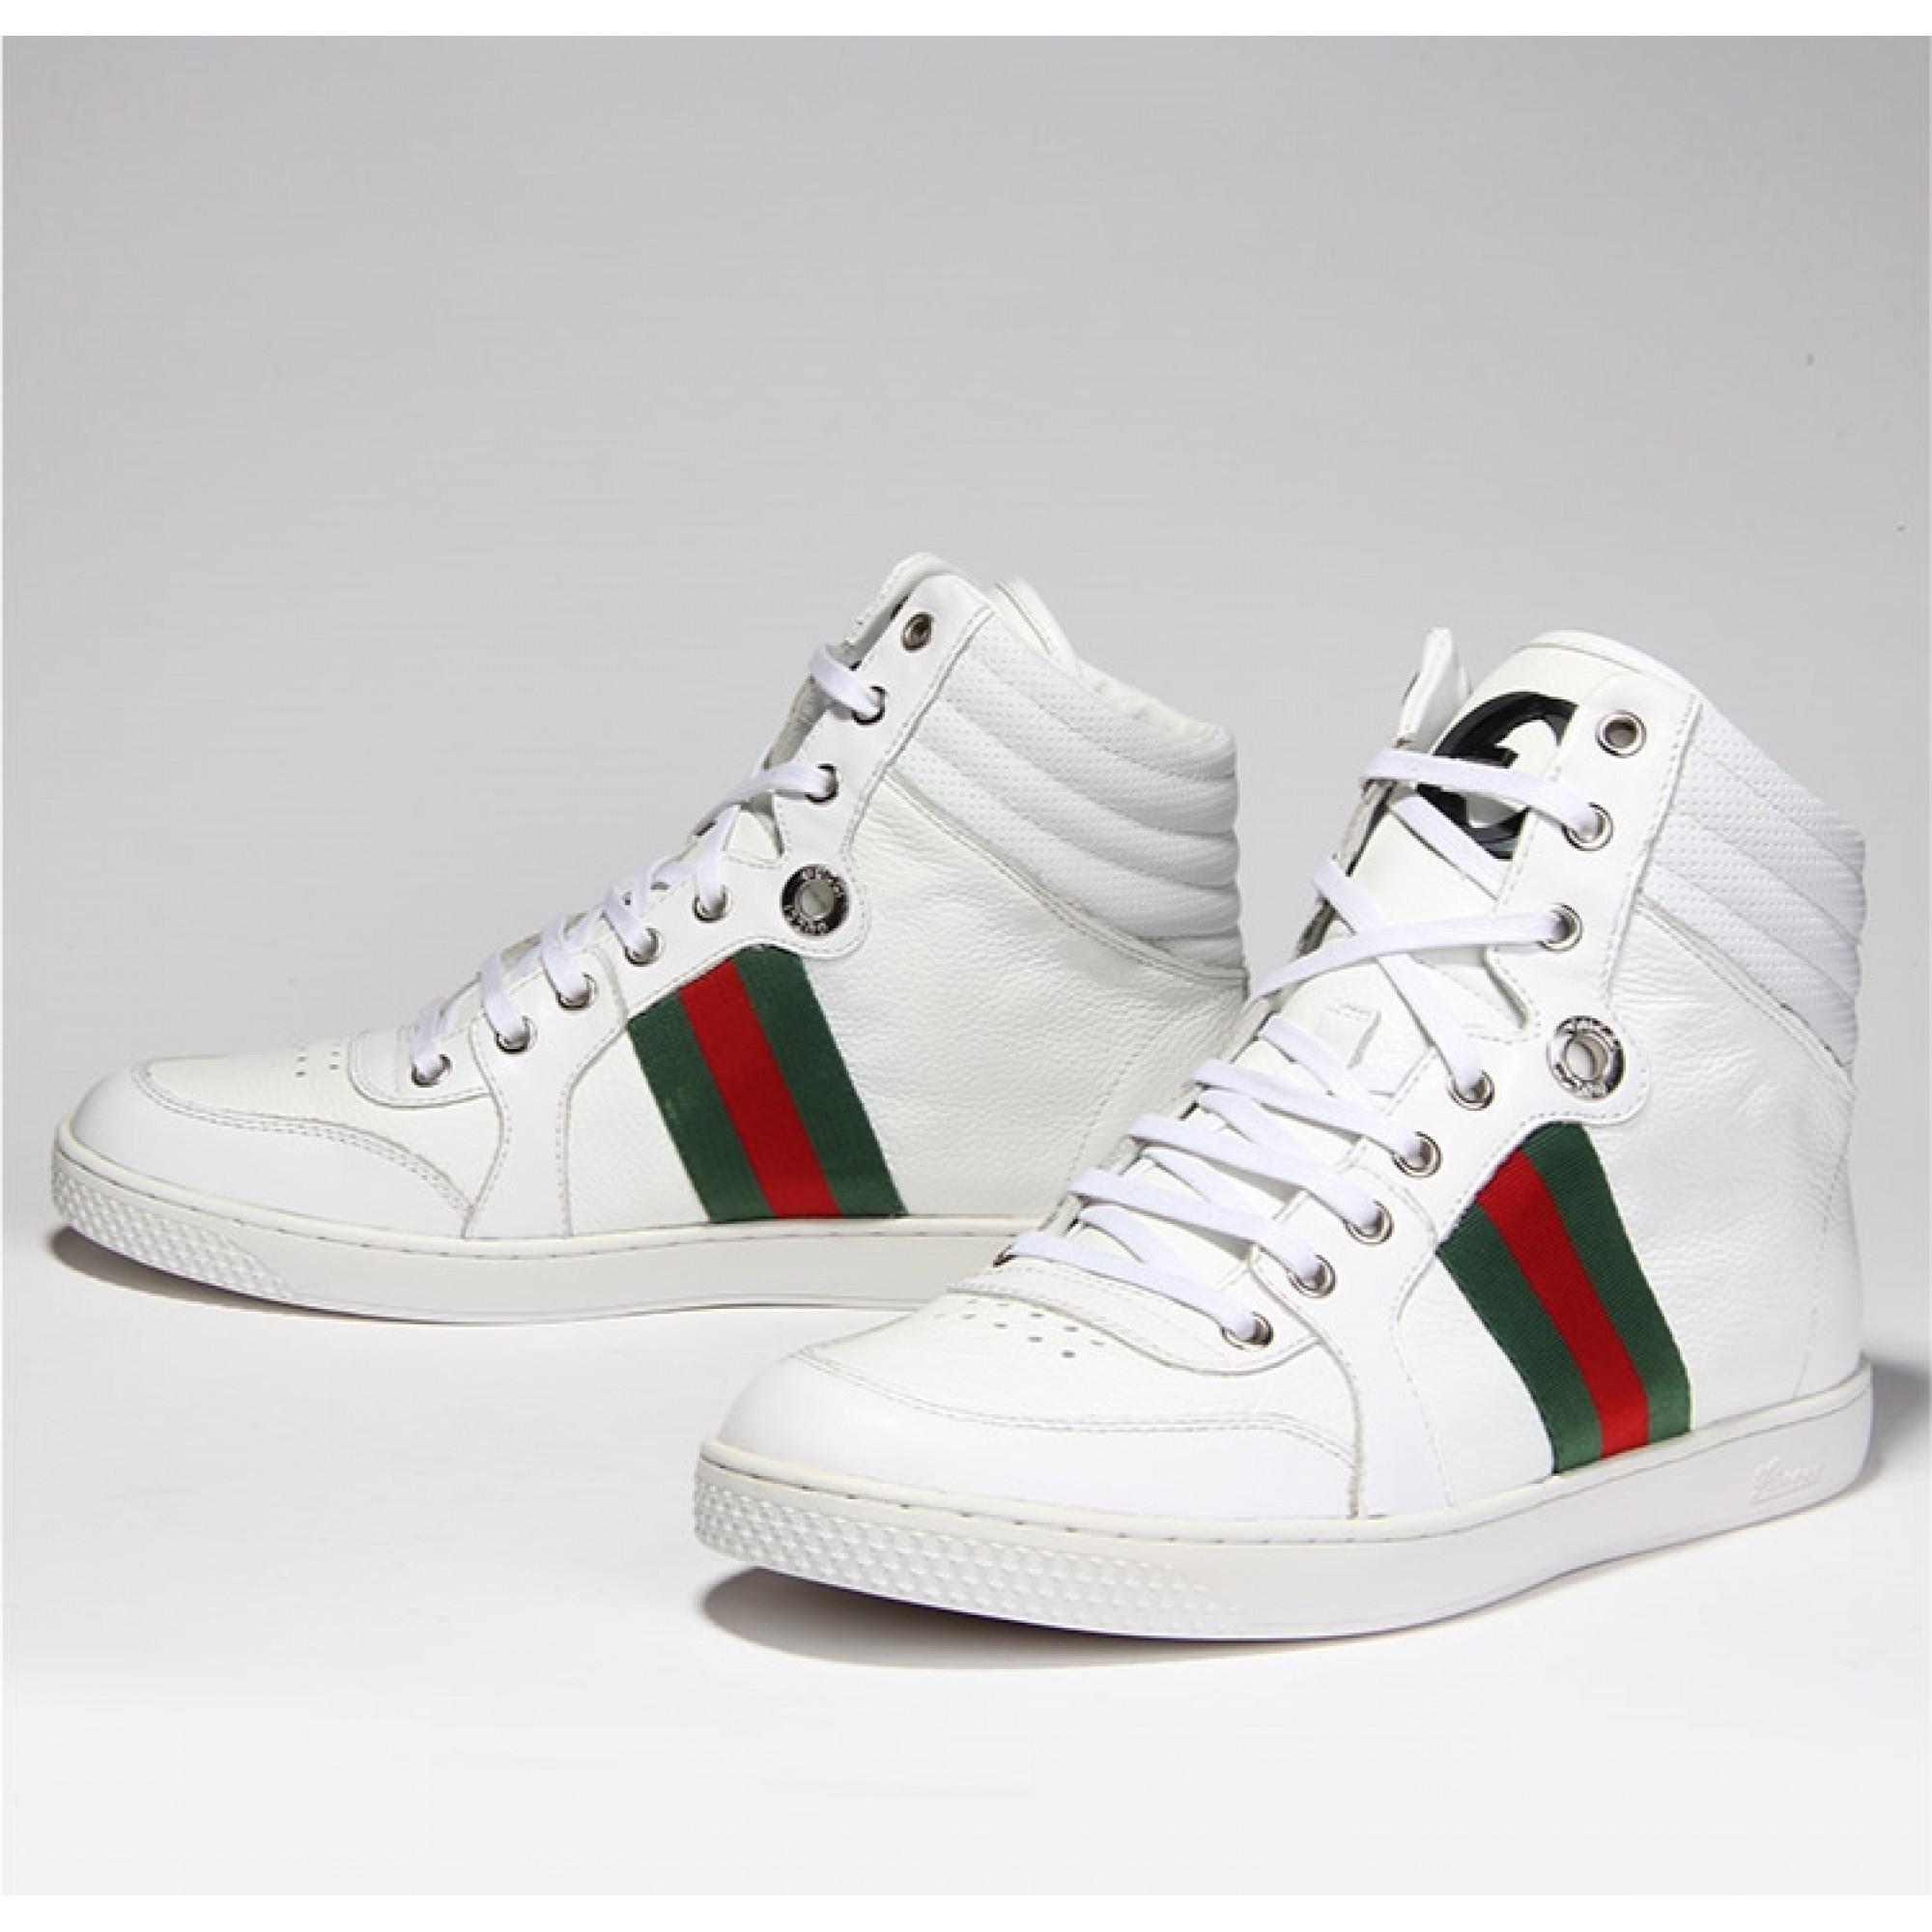 Купить белые высокие кроссовки Gucci — в Киеве, код товара 17787 d79370ae809